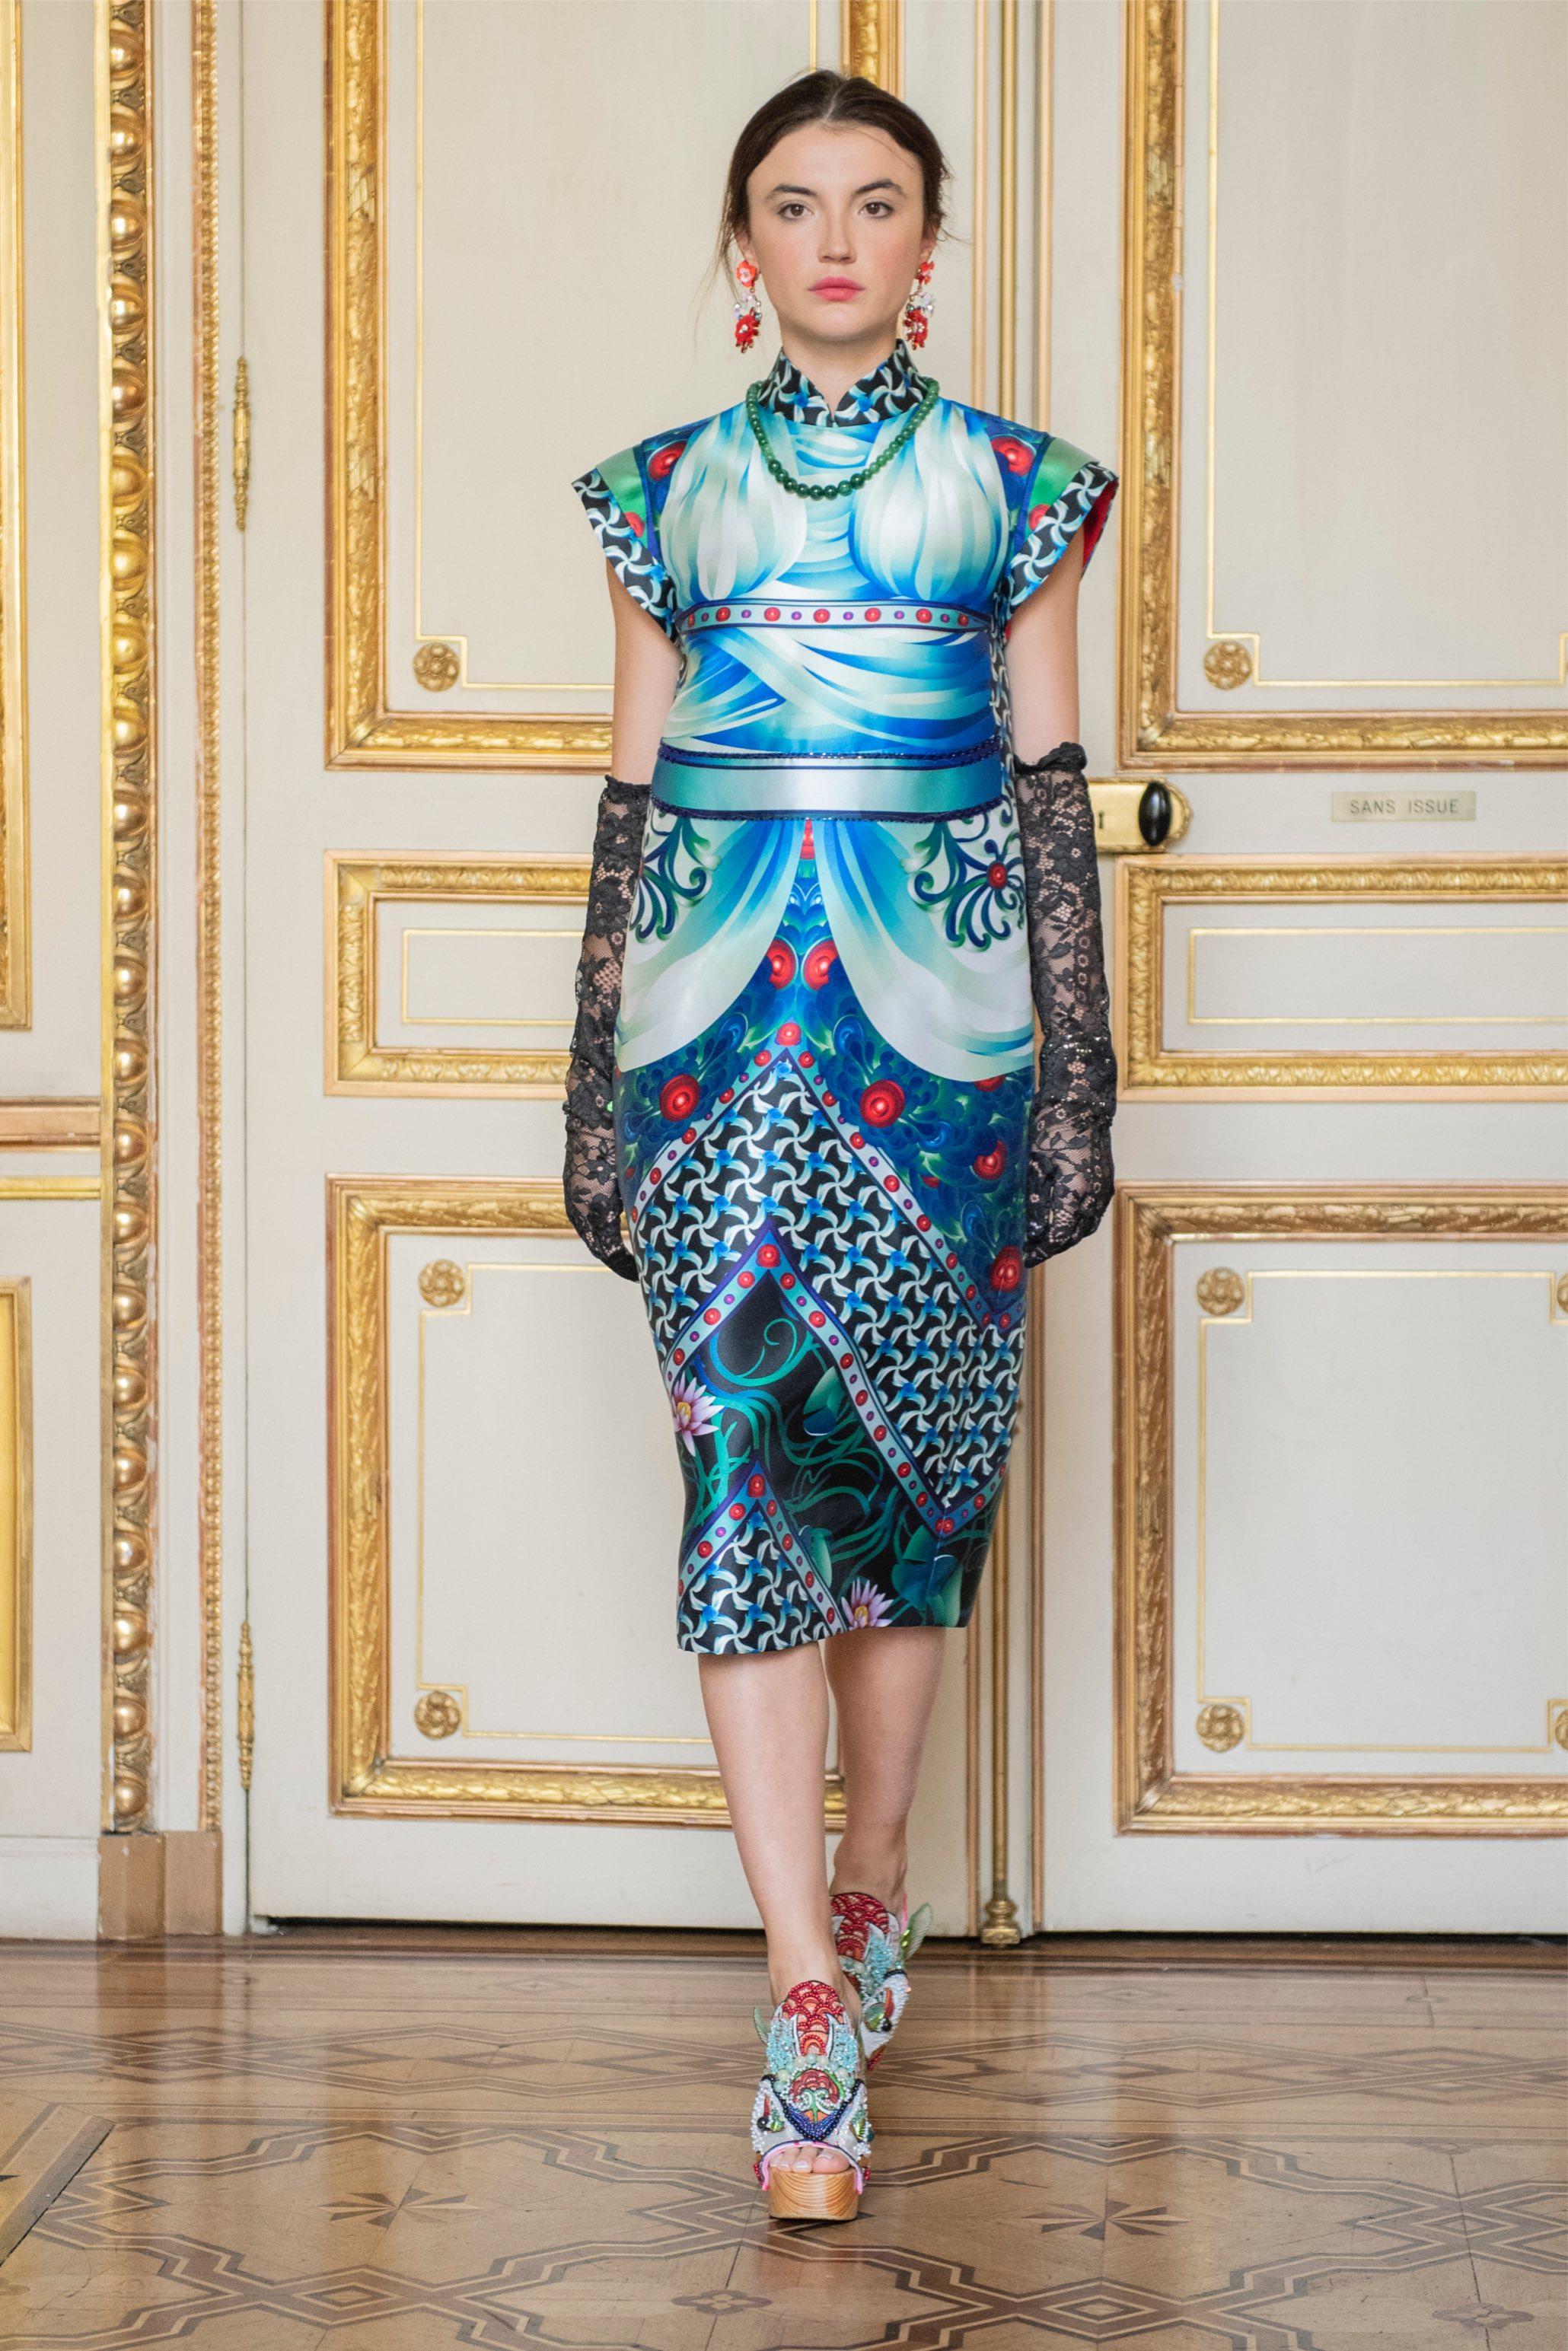 Một thiết kế của Thủy Nguyễn tại buổi trình diễn ở Paris 2019